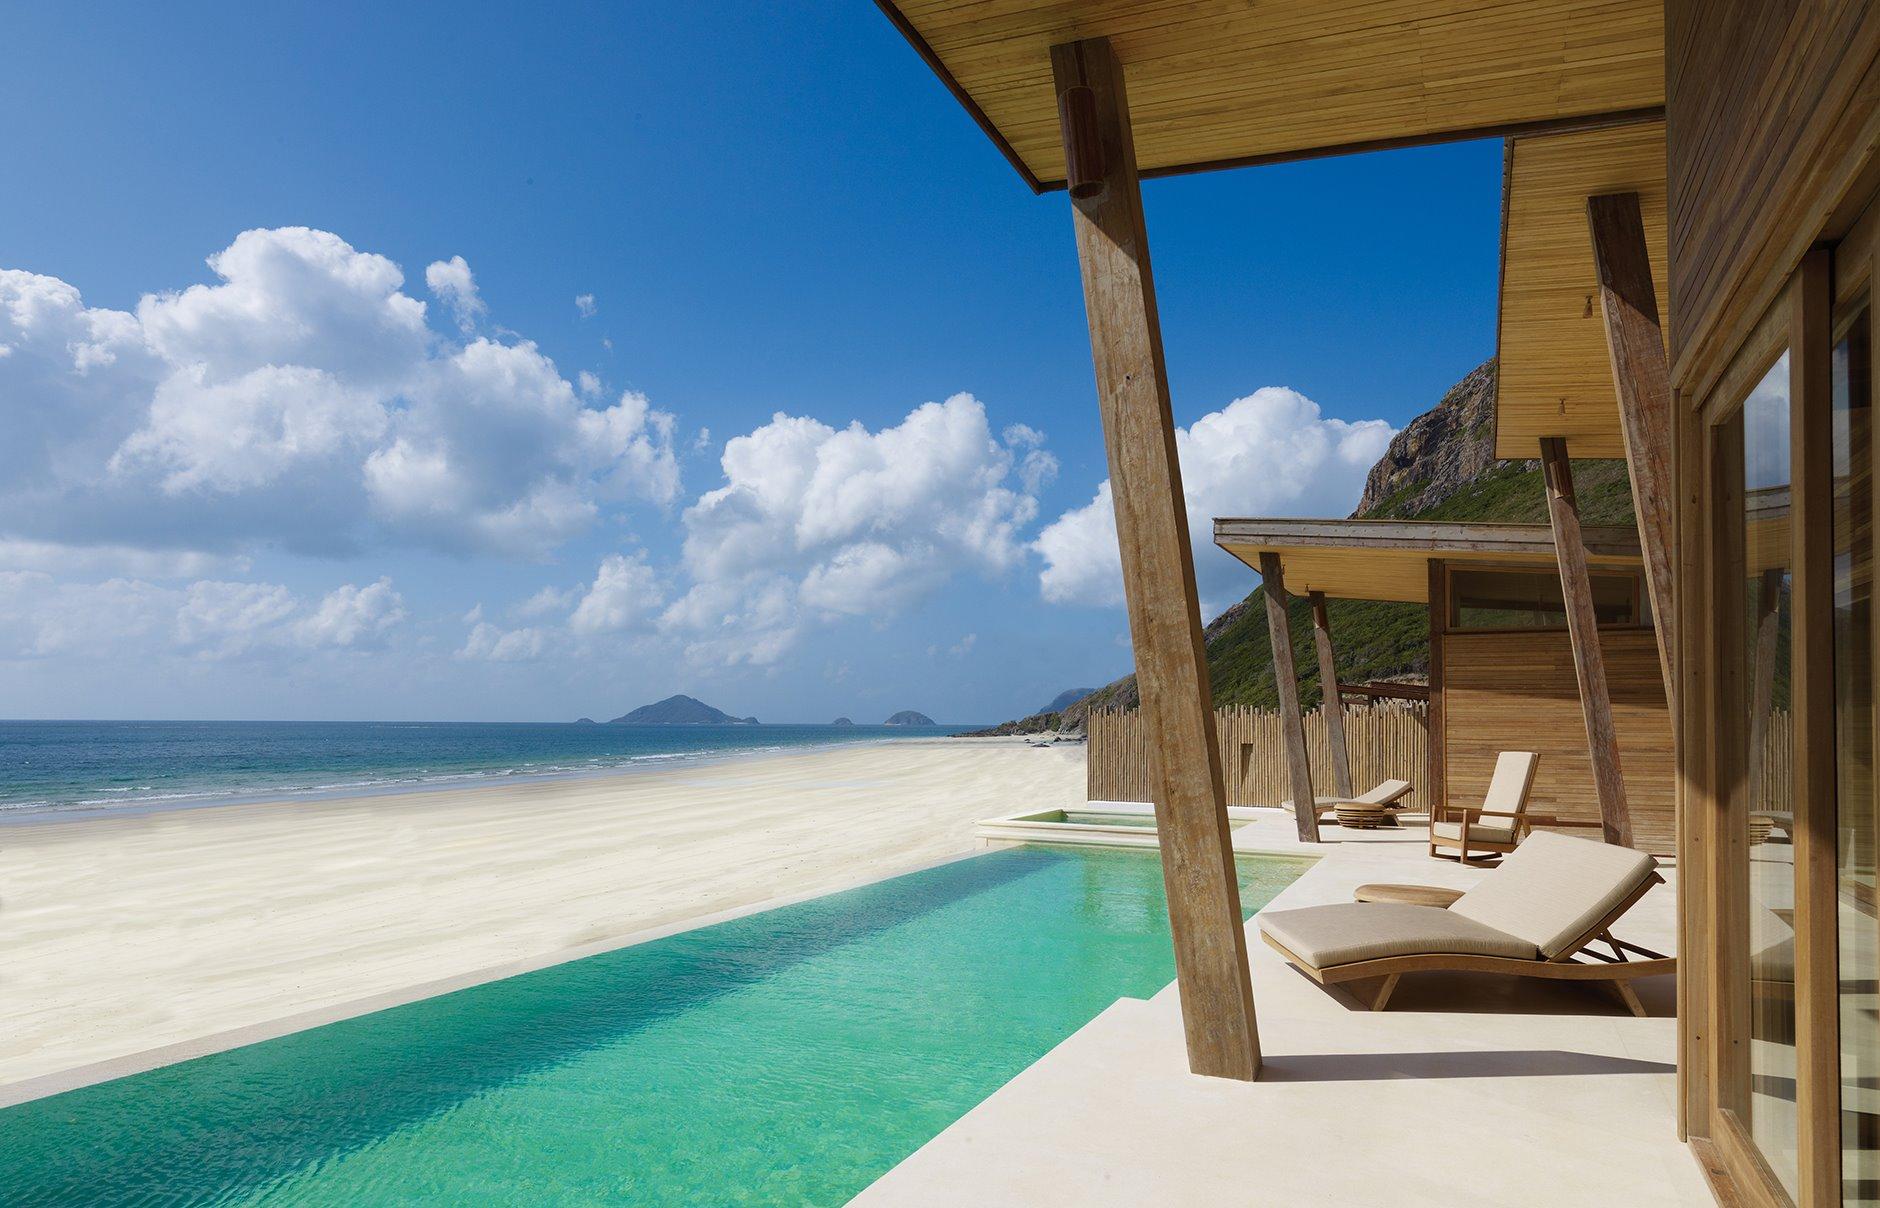 Vietnam beach pool villa premium